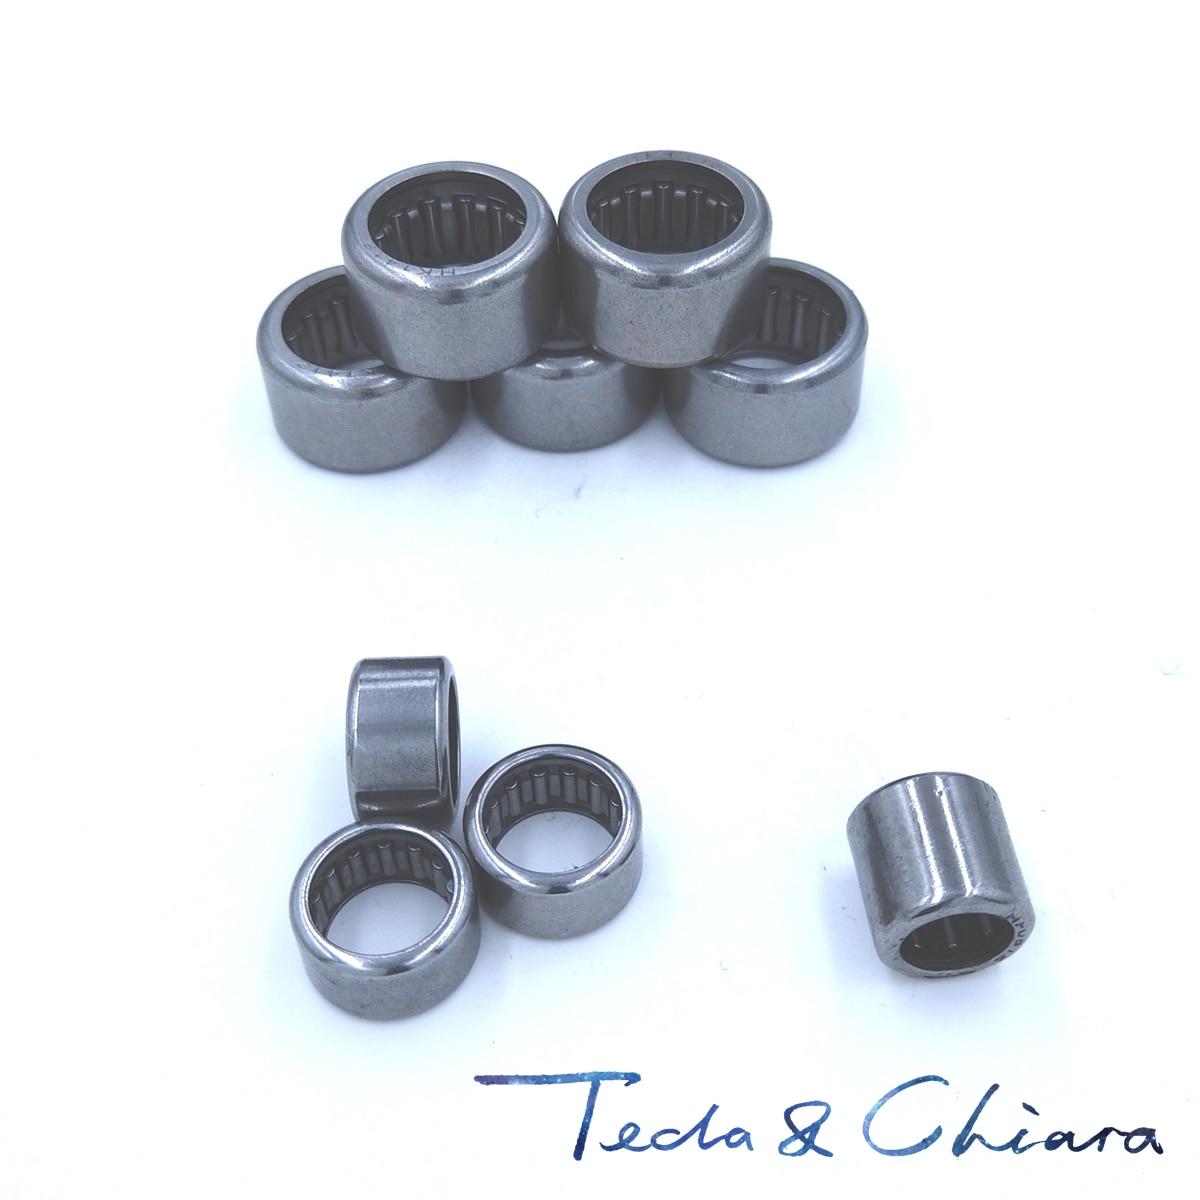 Drawn Cup Needle Roller Bearings 14x20x16 mm 20pcs Bearings HK1416